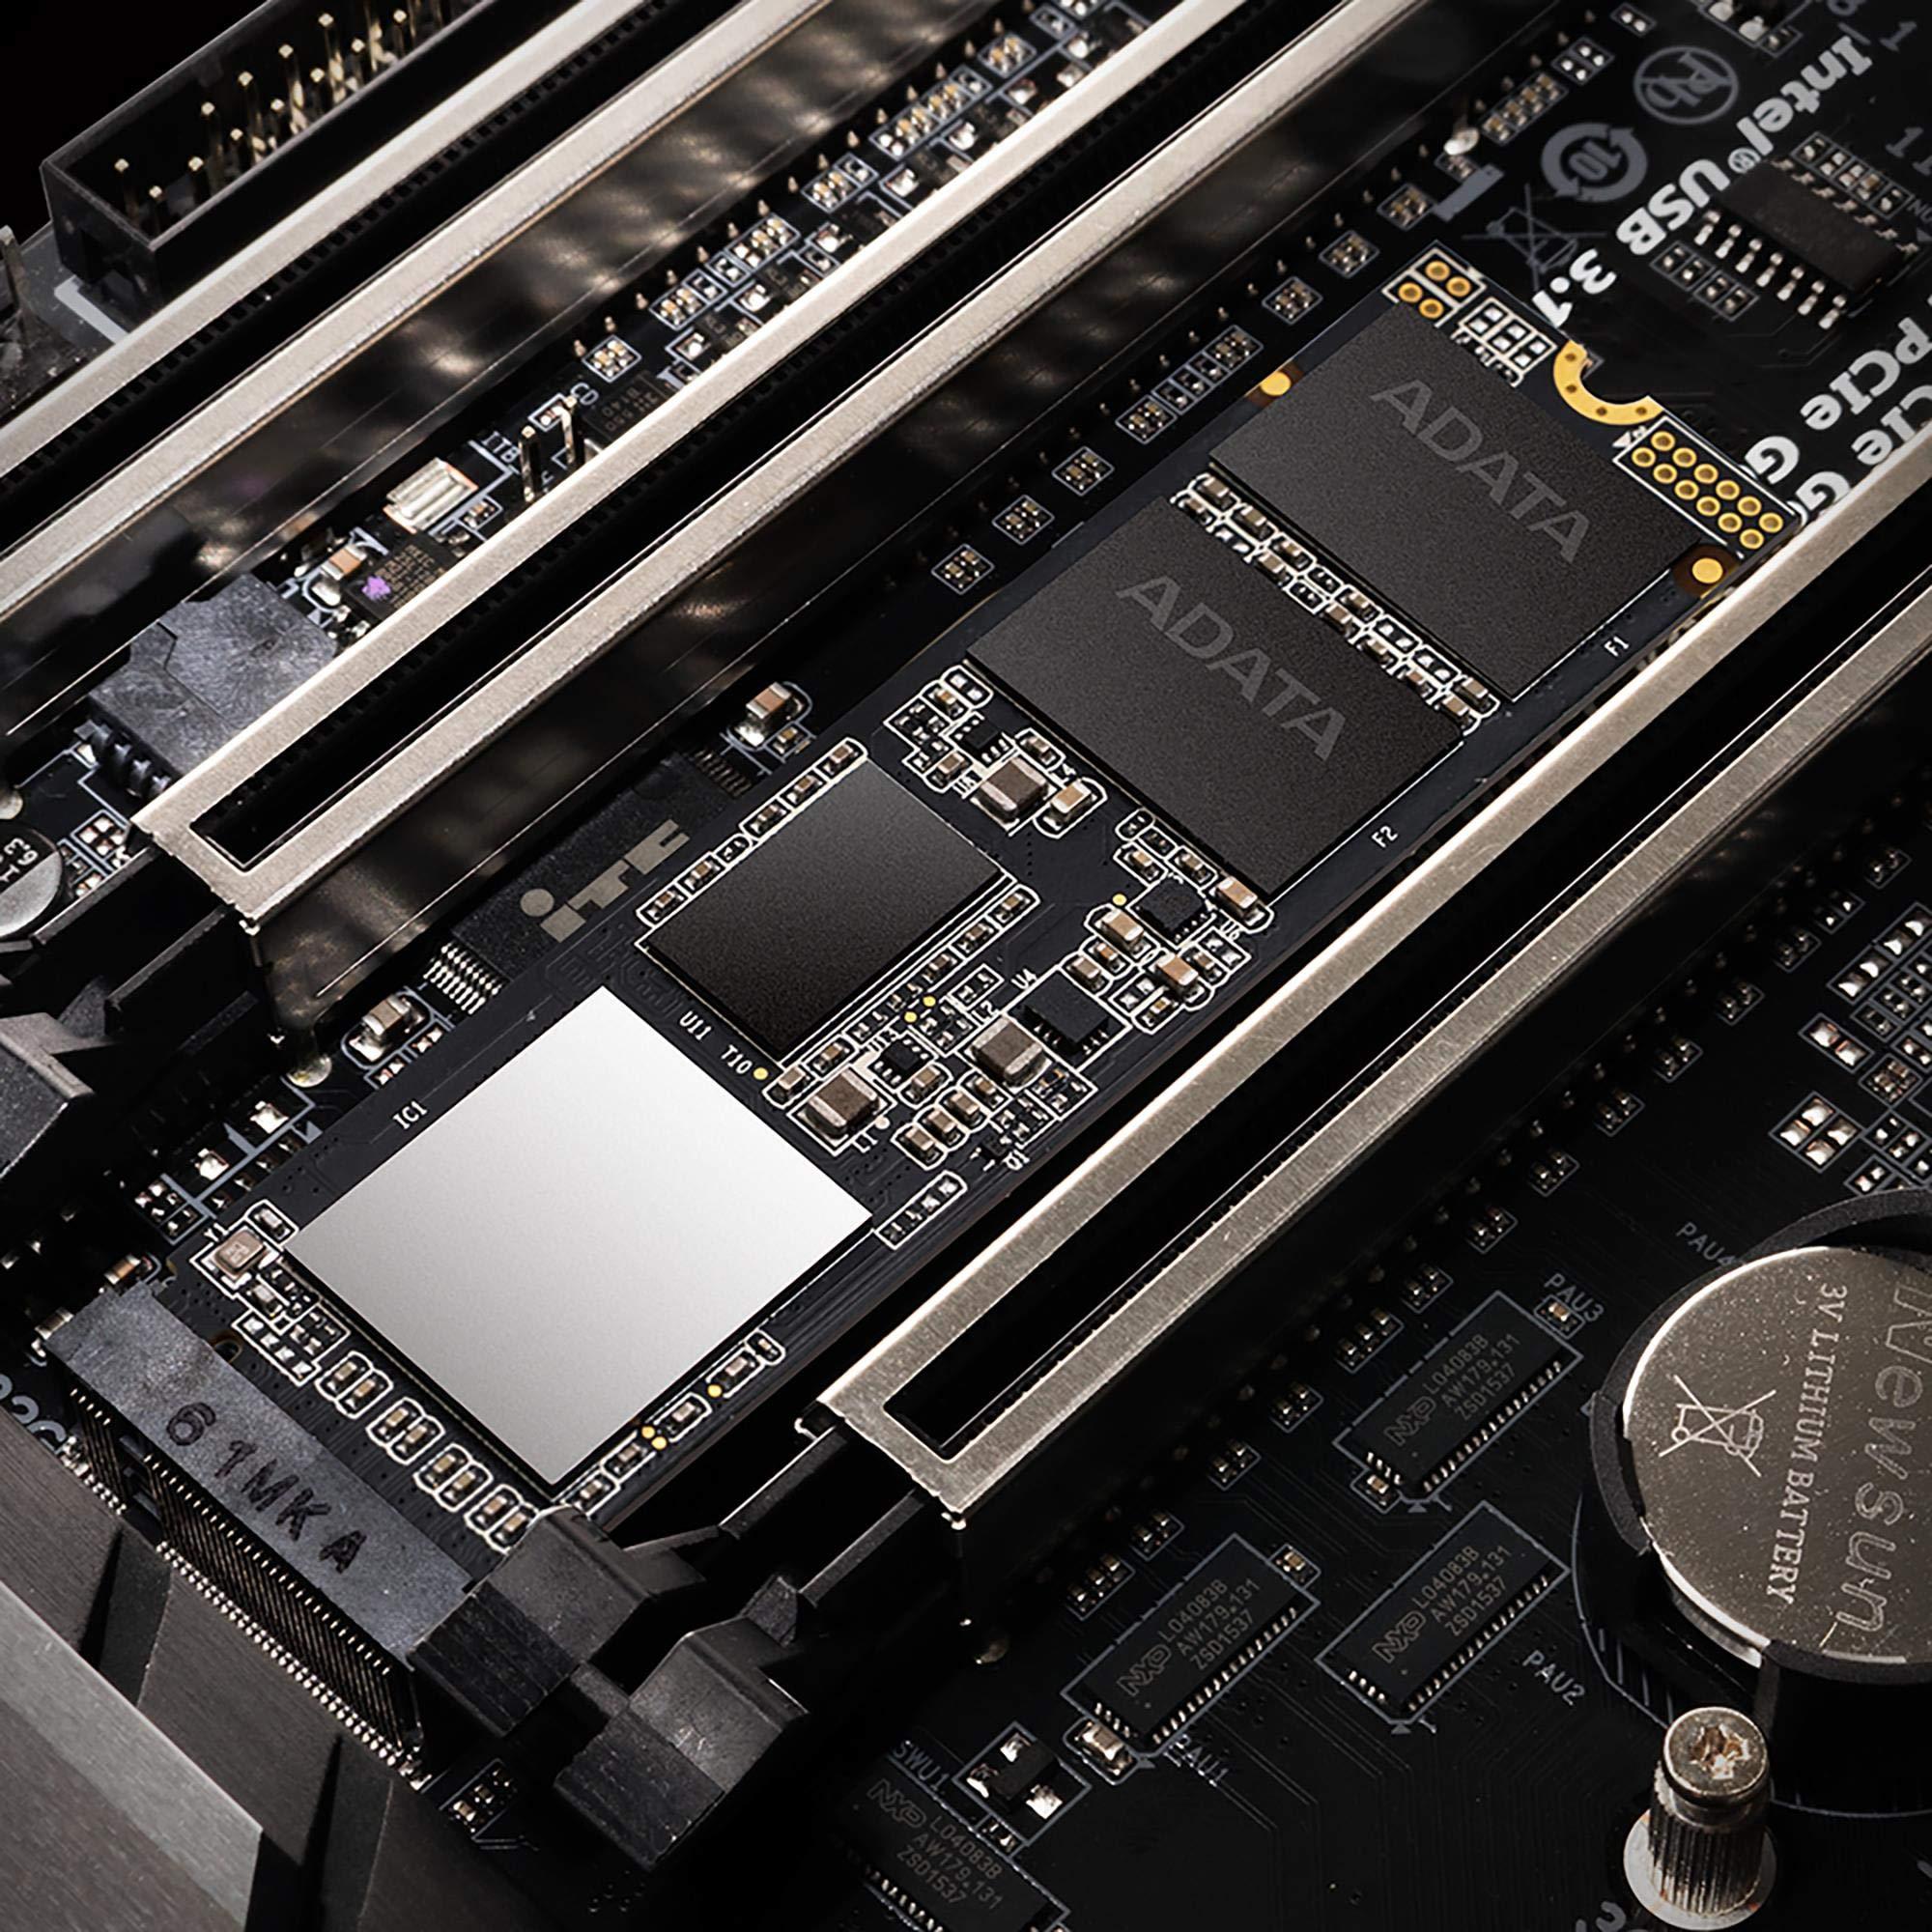 ADATA XPG SX8200 Pro 1TB 3D NAND NVMe Gen3x4 PCIe M.2 2280 Solid State Drive R/W 3500/3000MB/s SSD (ASX8200PNP-1TT-C) by XPG (Image #6)